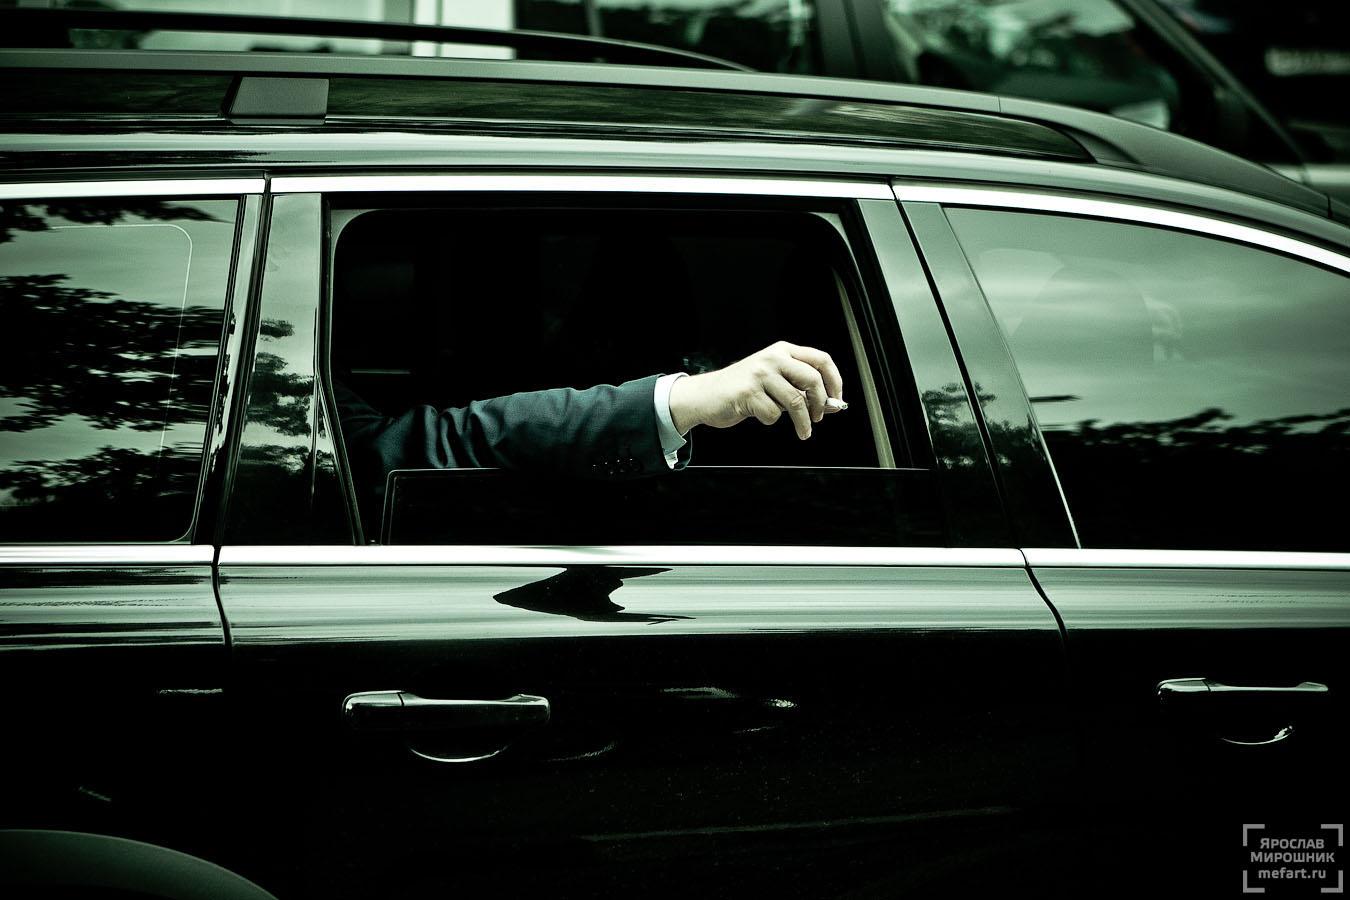 человек в машине с сигаретой фото